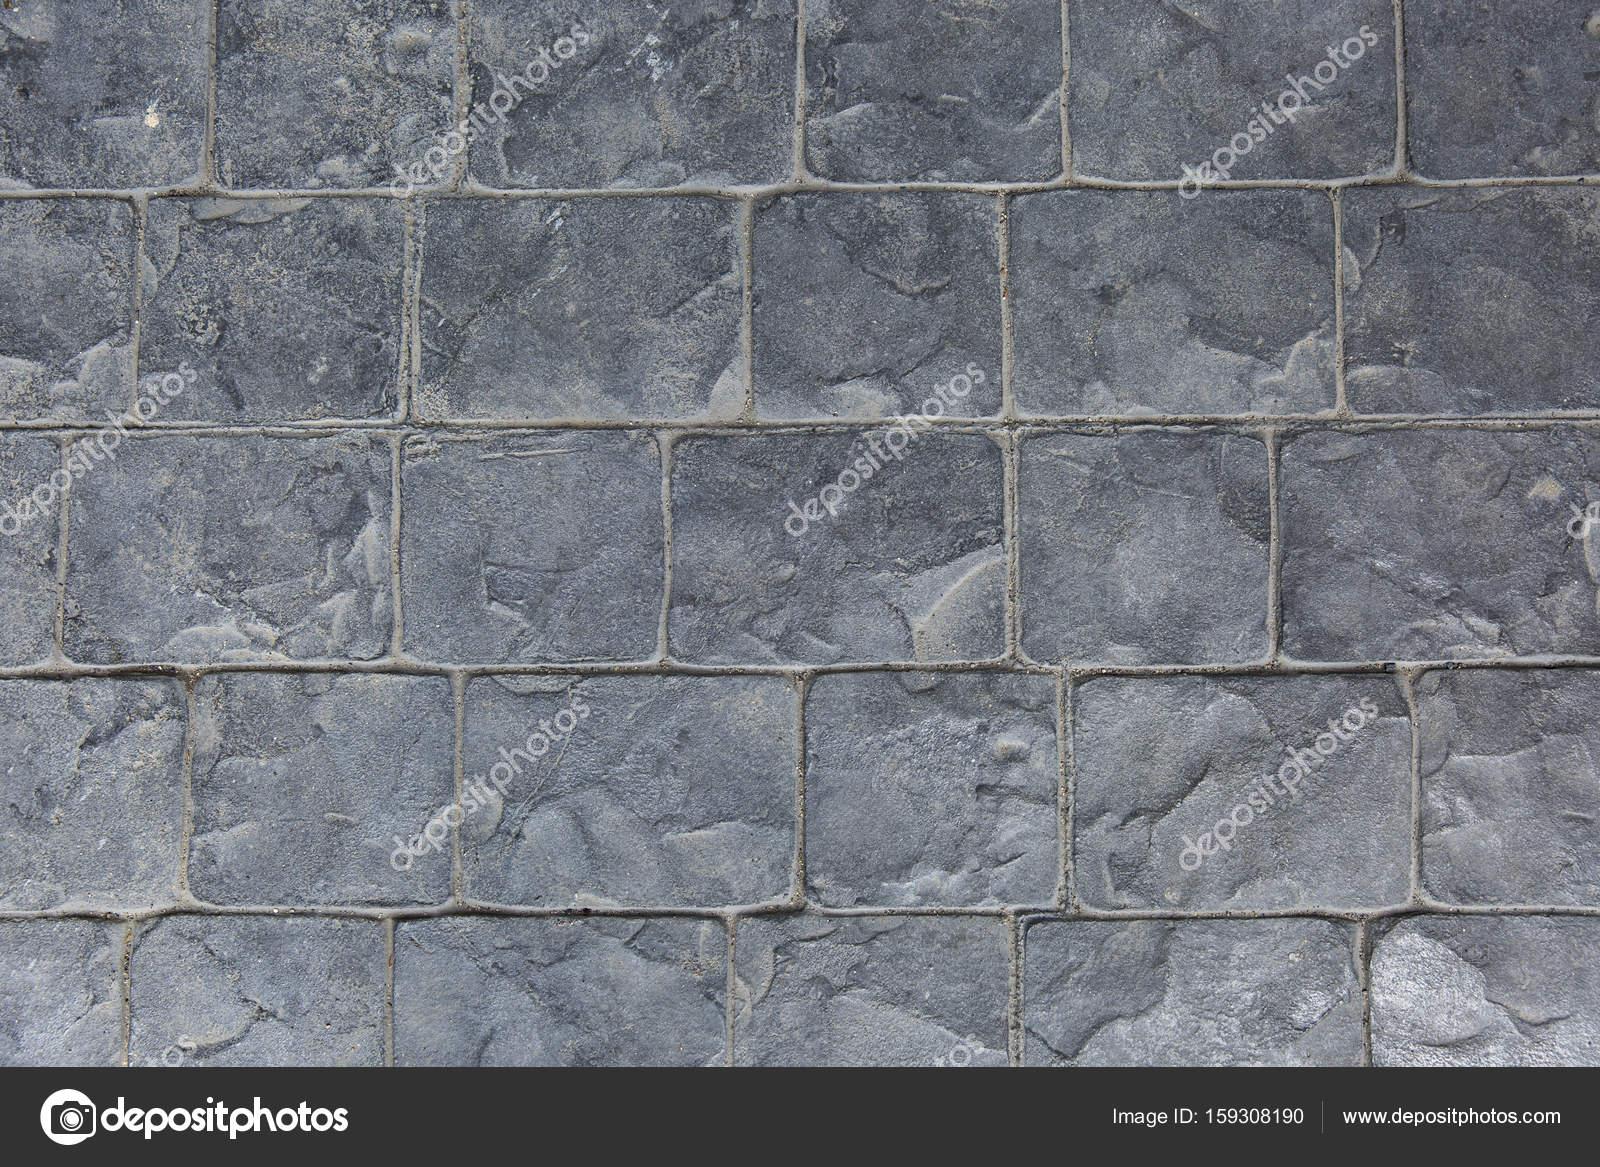 Steinernen Bodenfliesen Fur Textur Hintergrund Muster Stockfoto